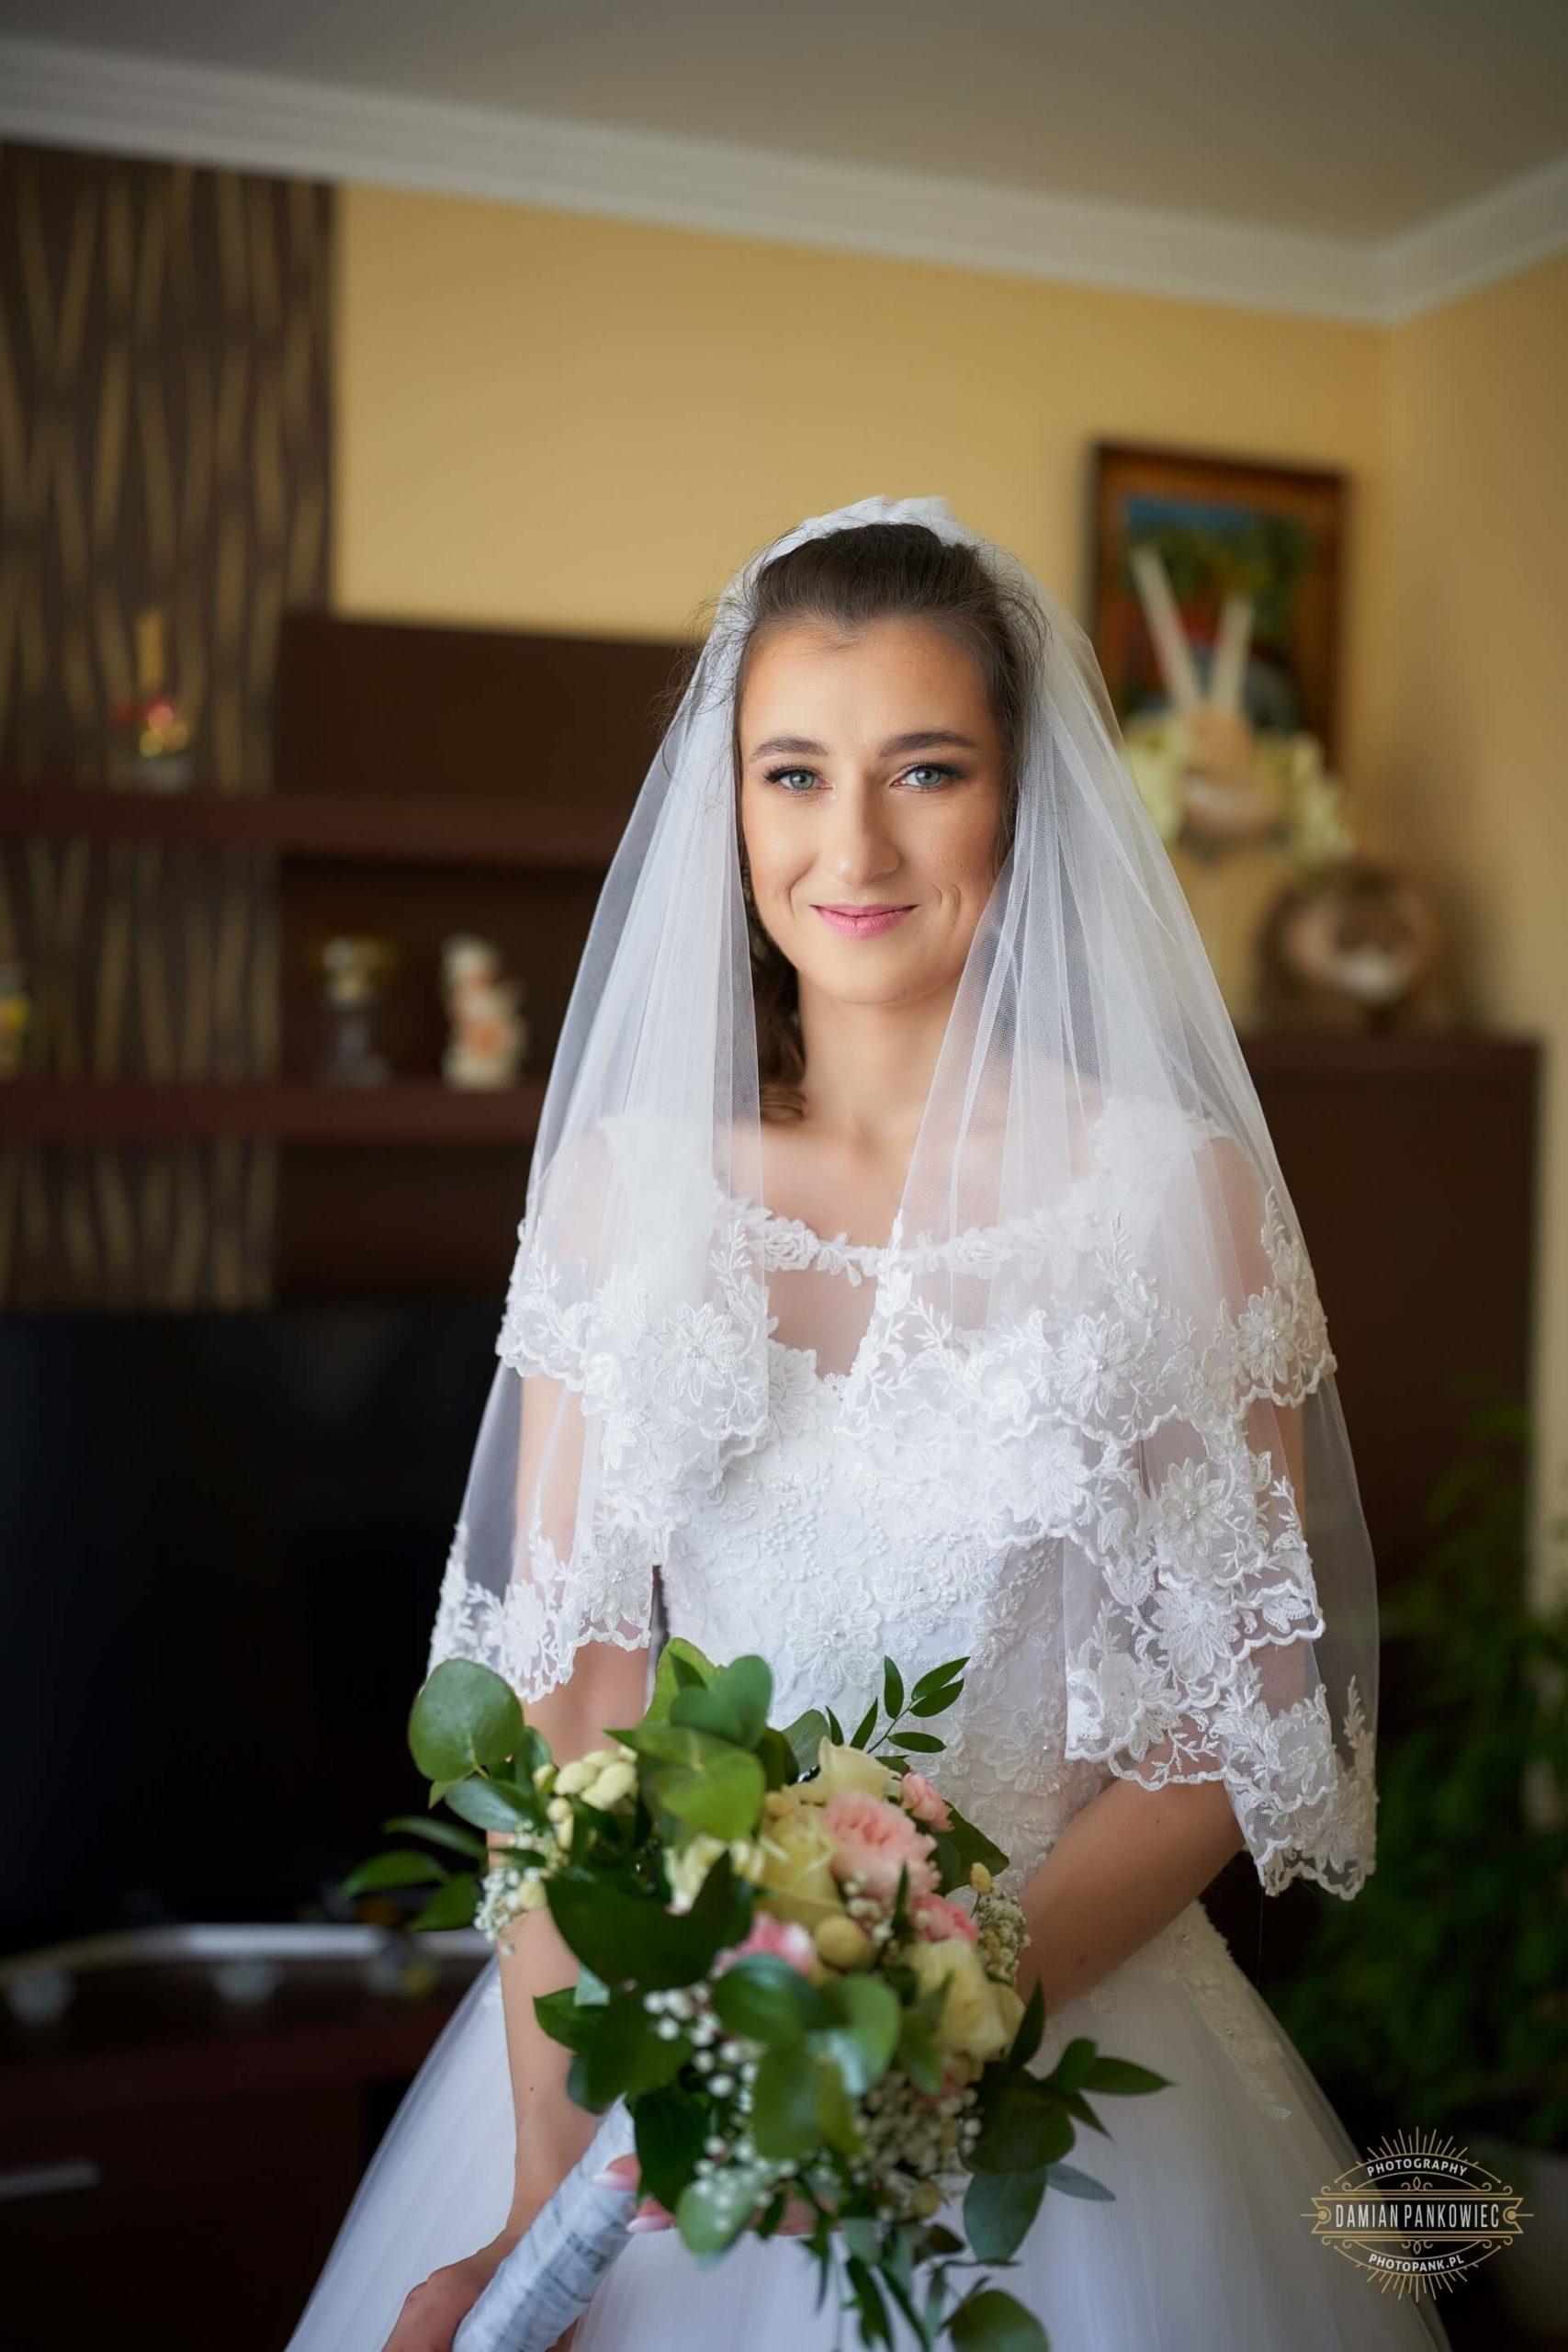 fotograf na wesele photopank